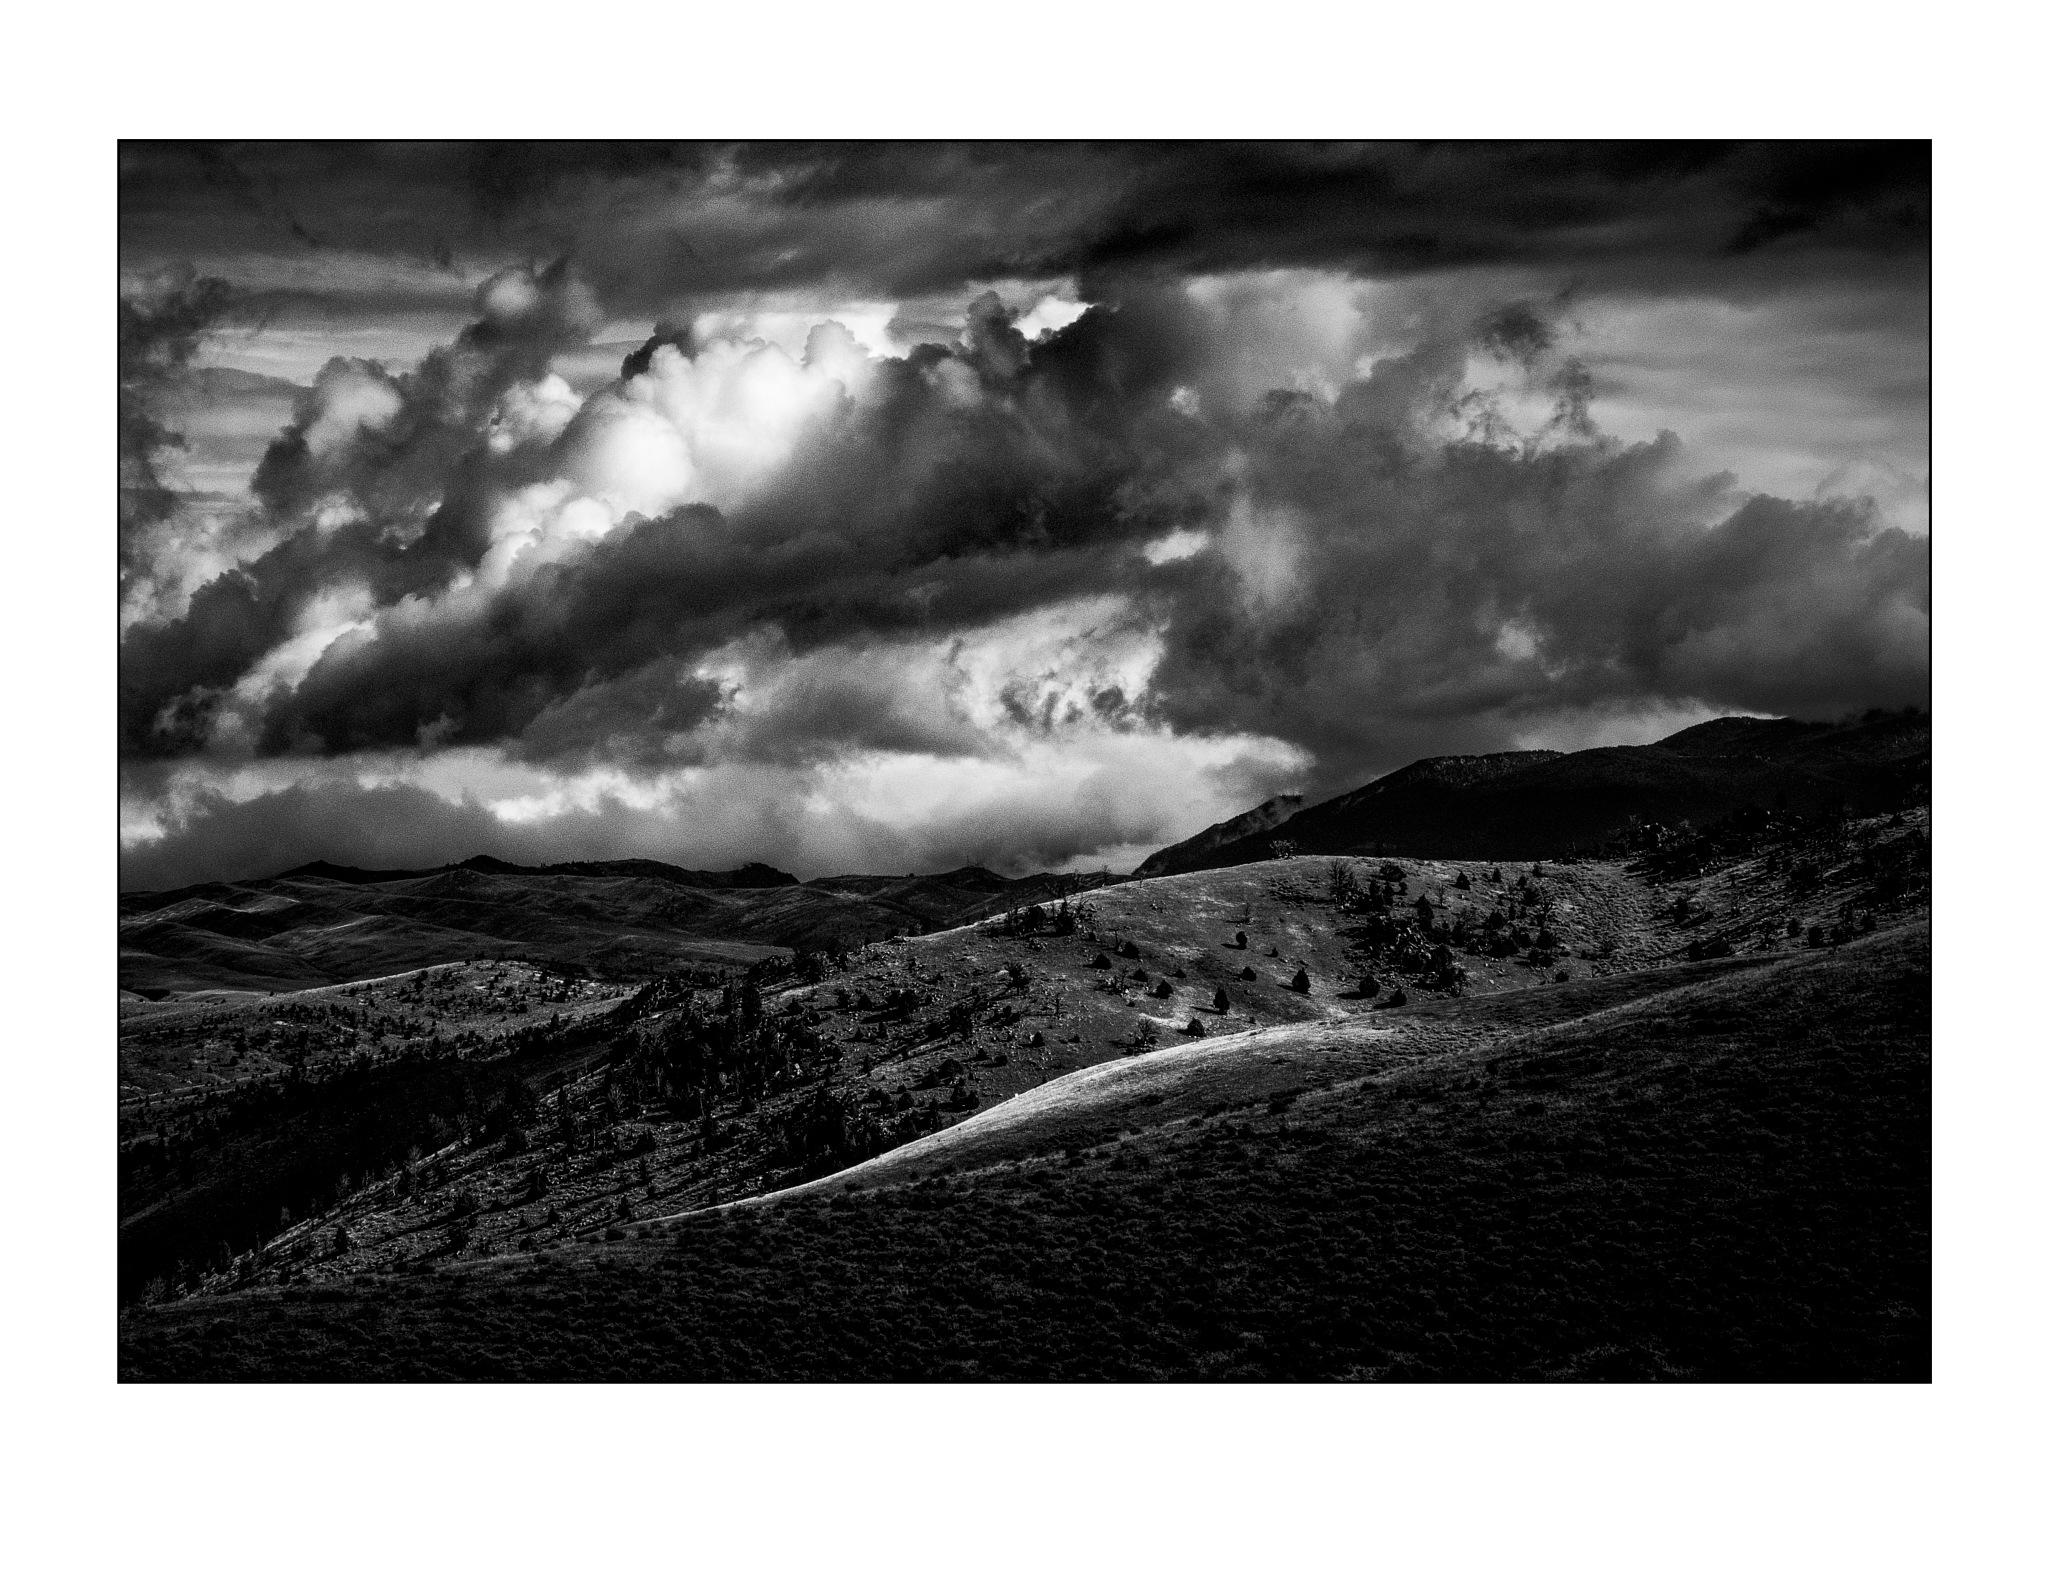 Black Cloud White Line by jhulton